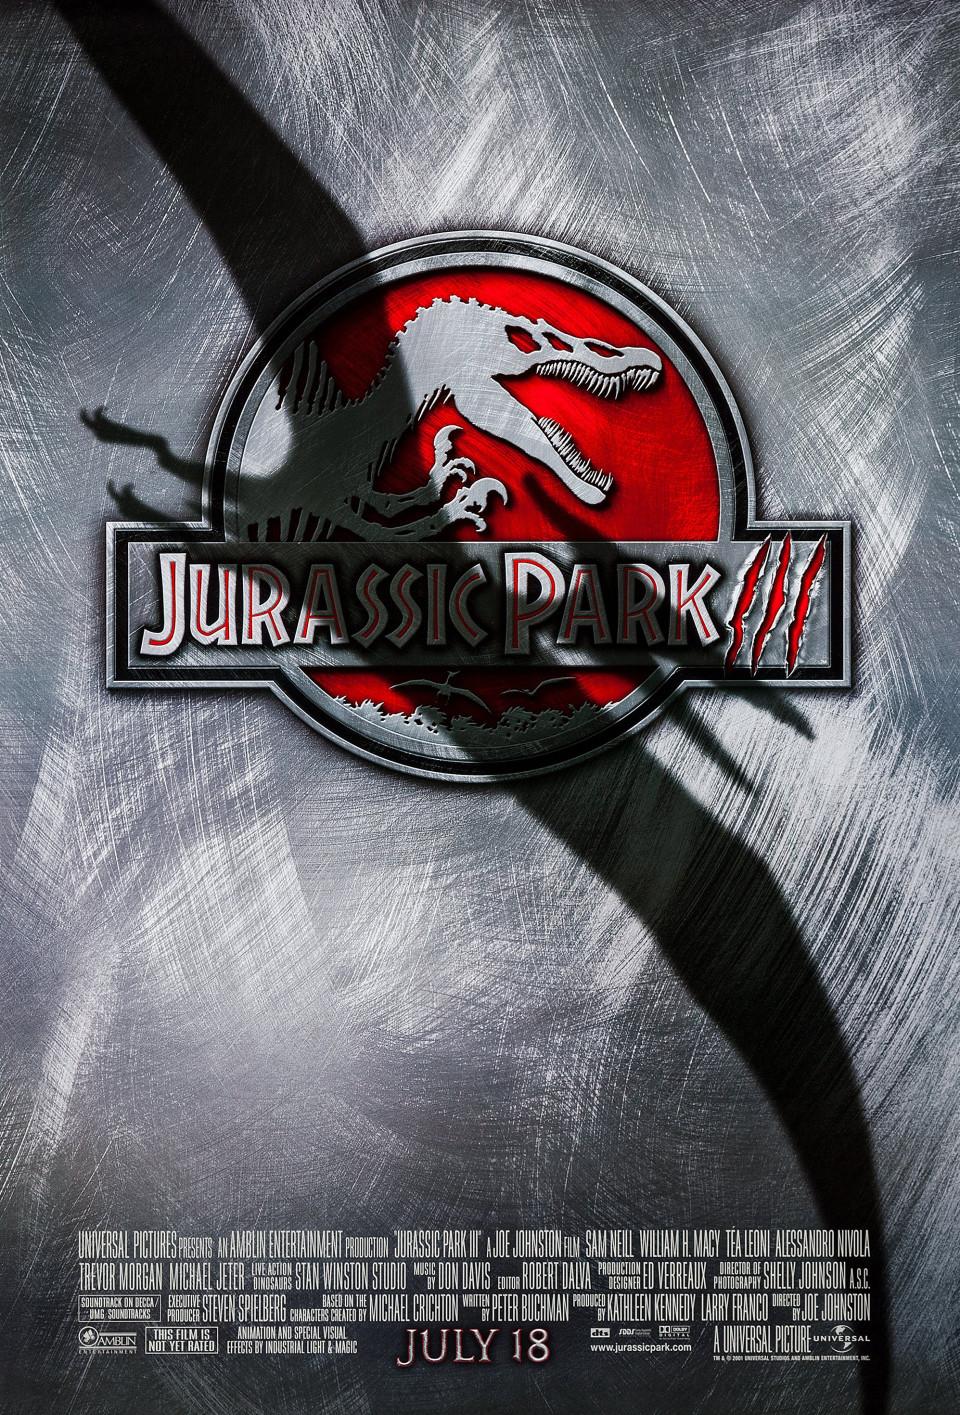 Jurassic Park III US Advance Poster 2001 Universal 27 X 40 Ha